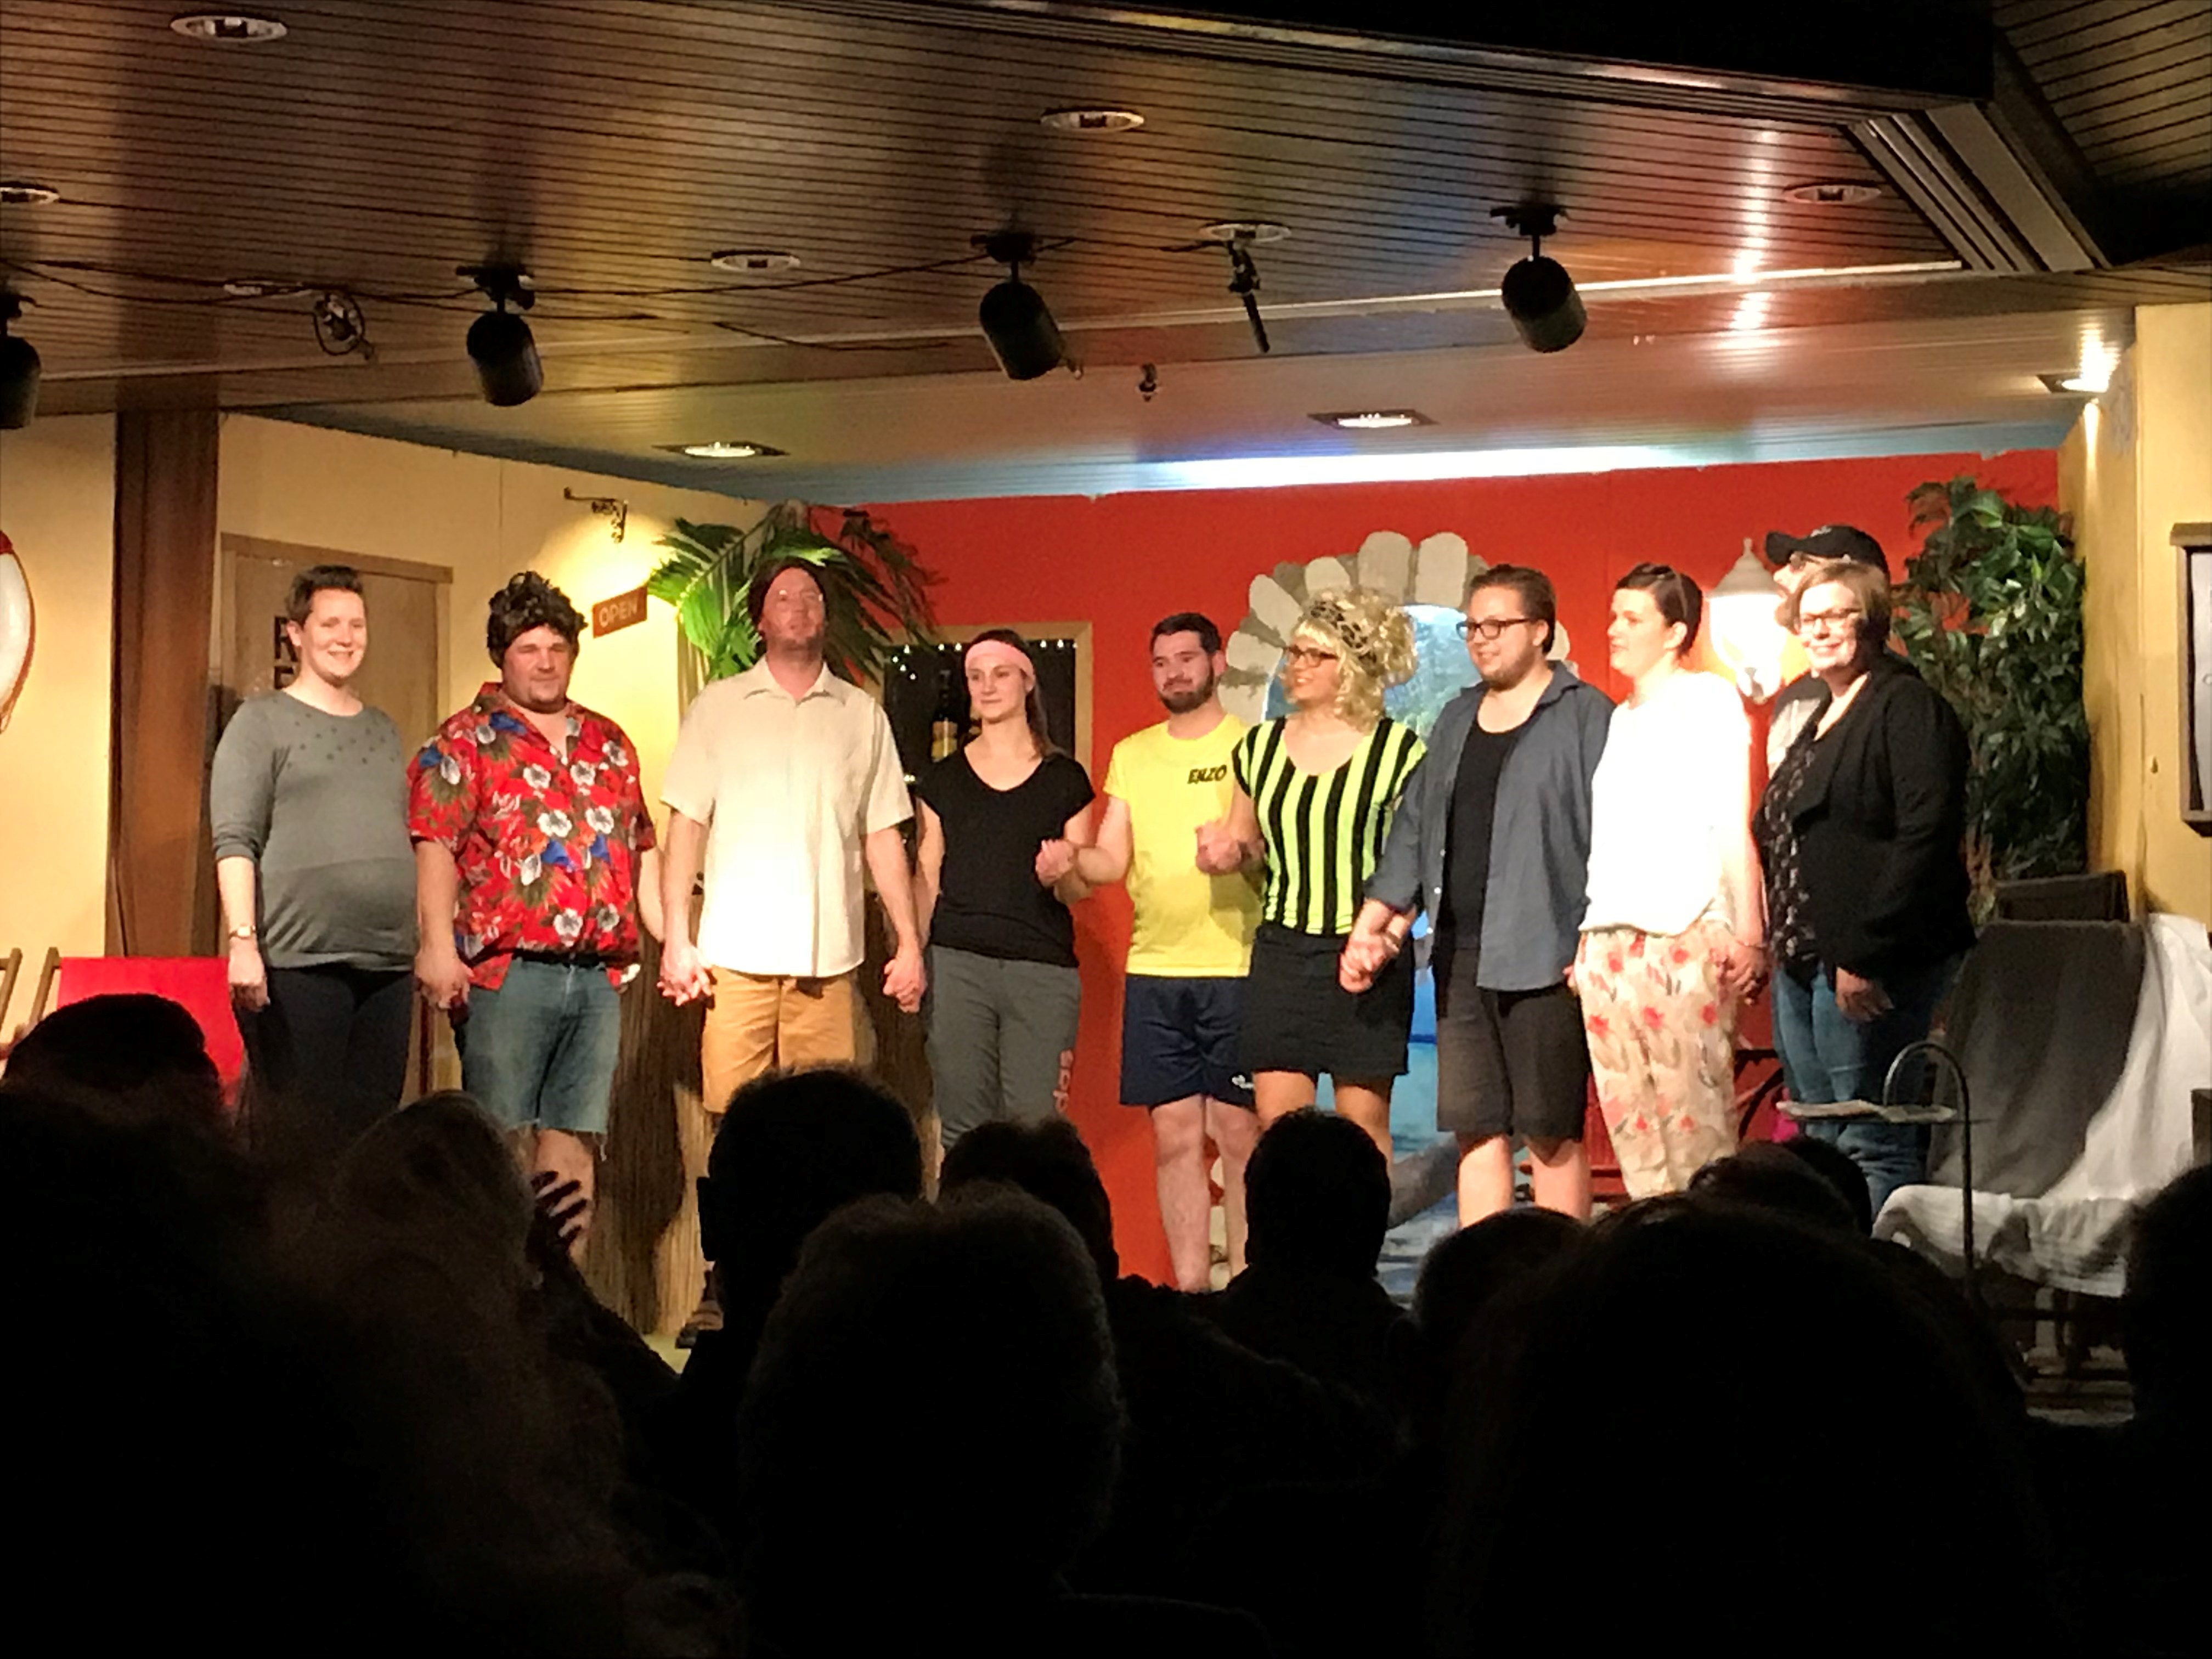 Theatergruppe Renkenberge gastiert im Haus des Gastes